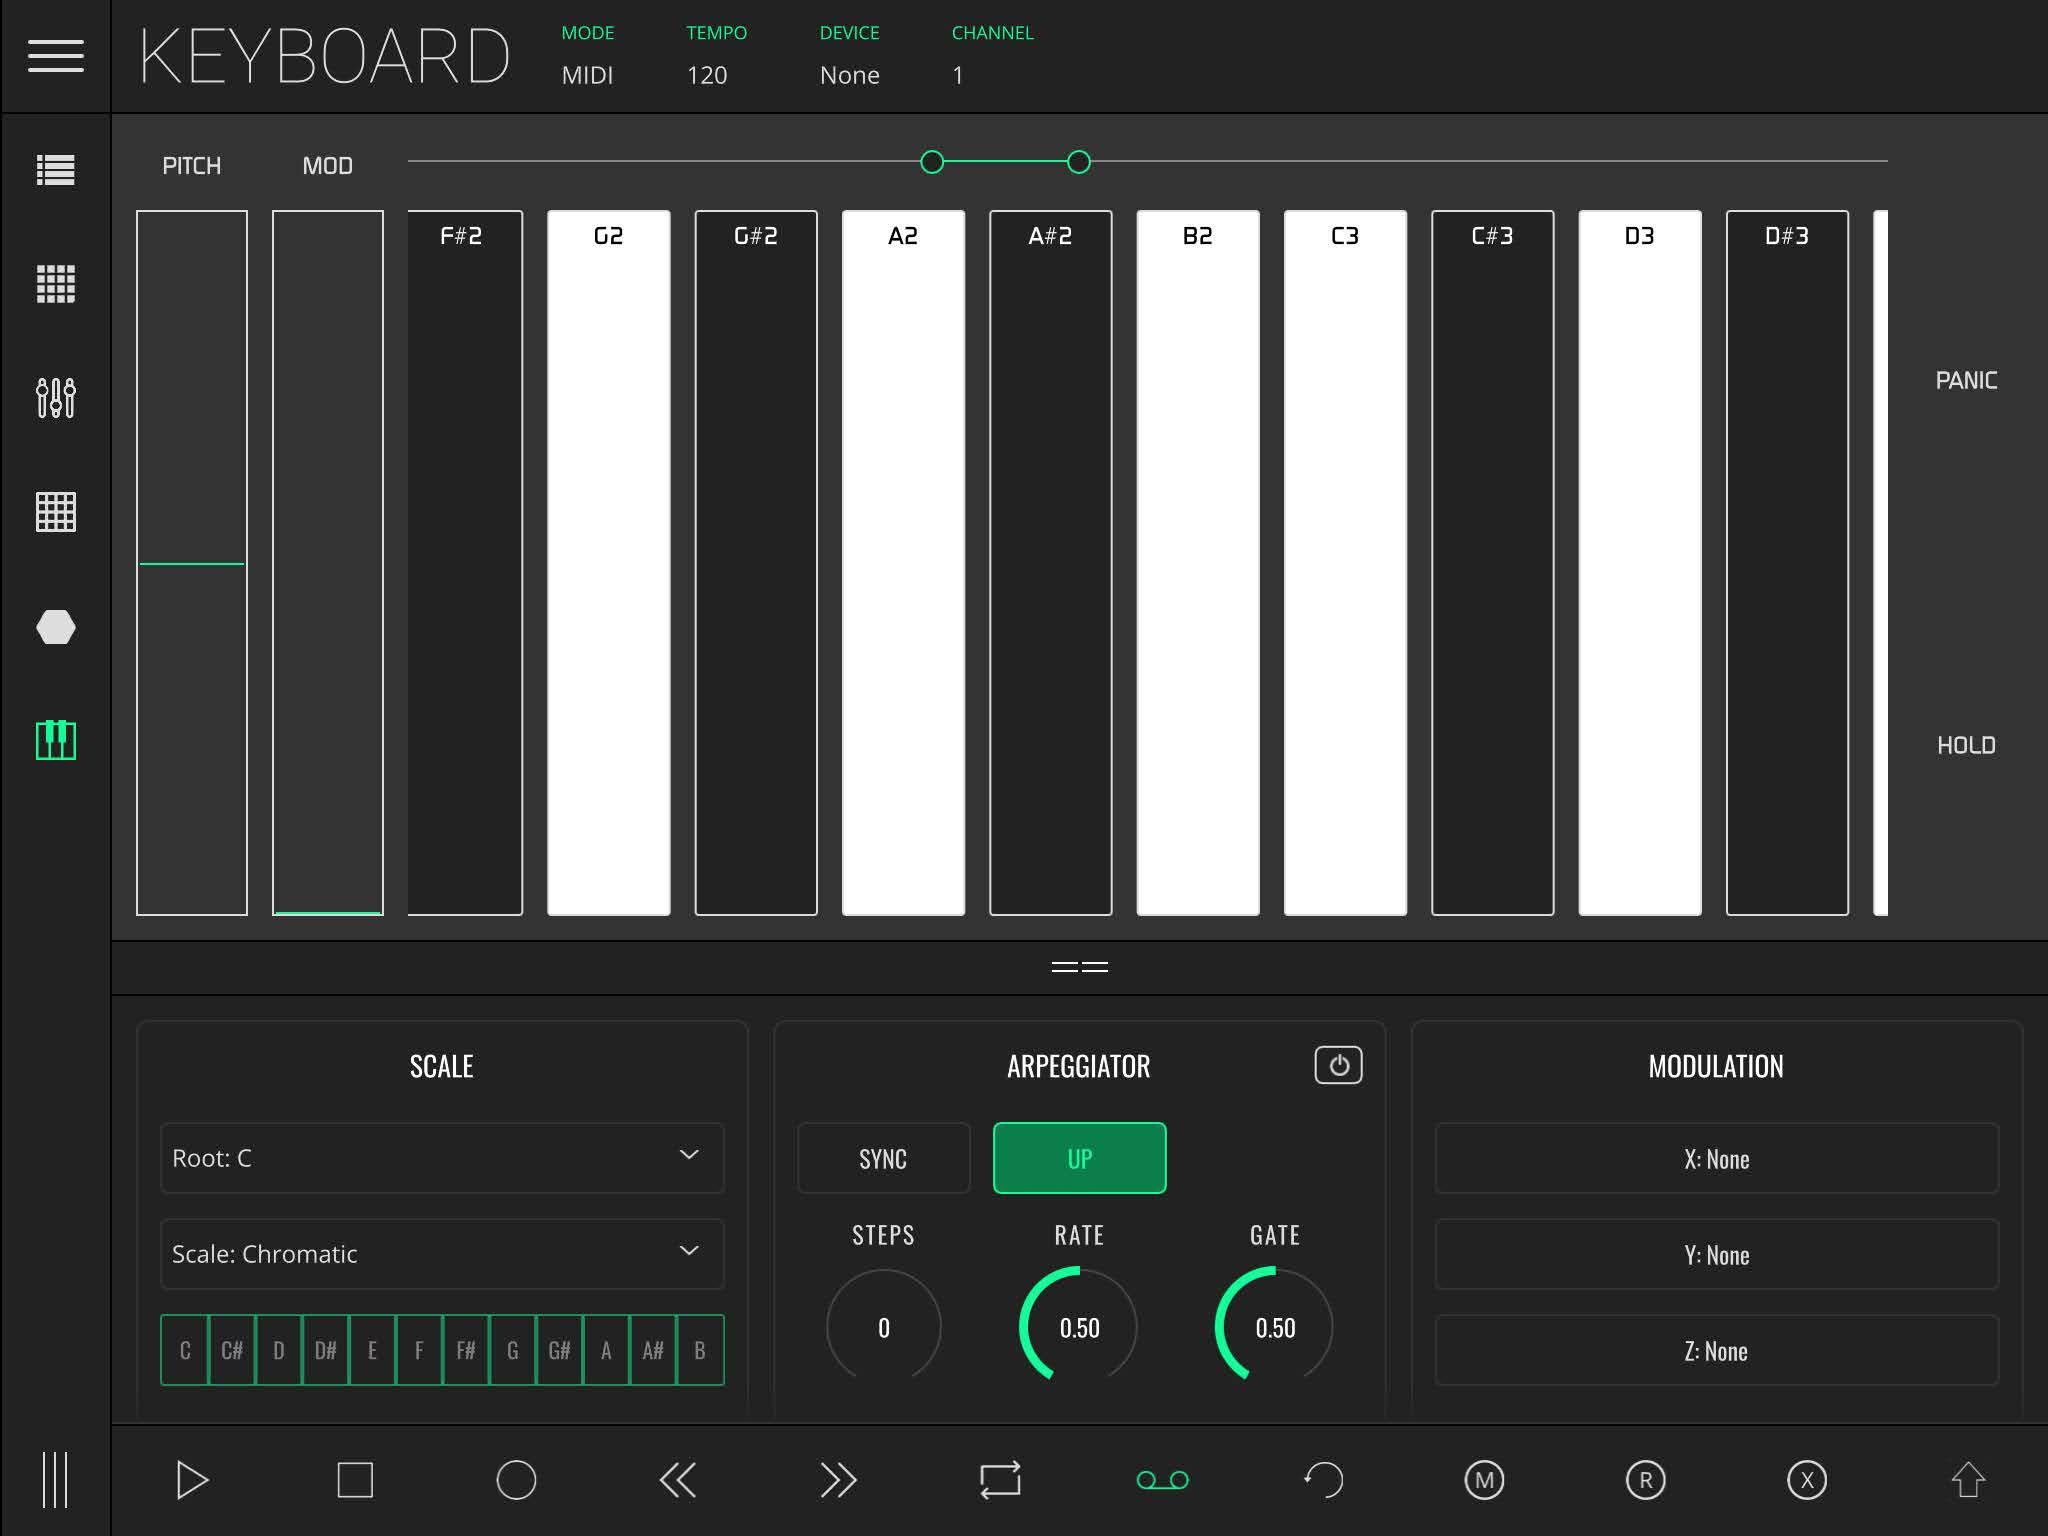 LK Keyboard Module Overview